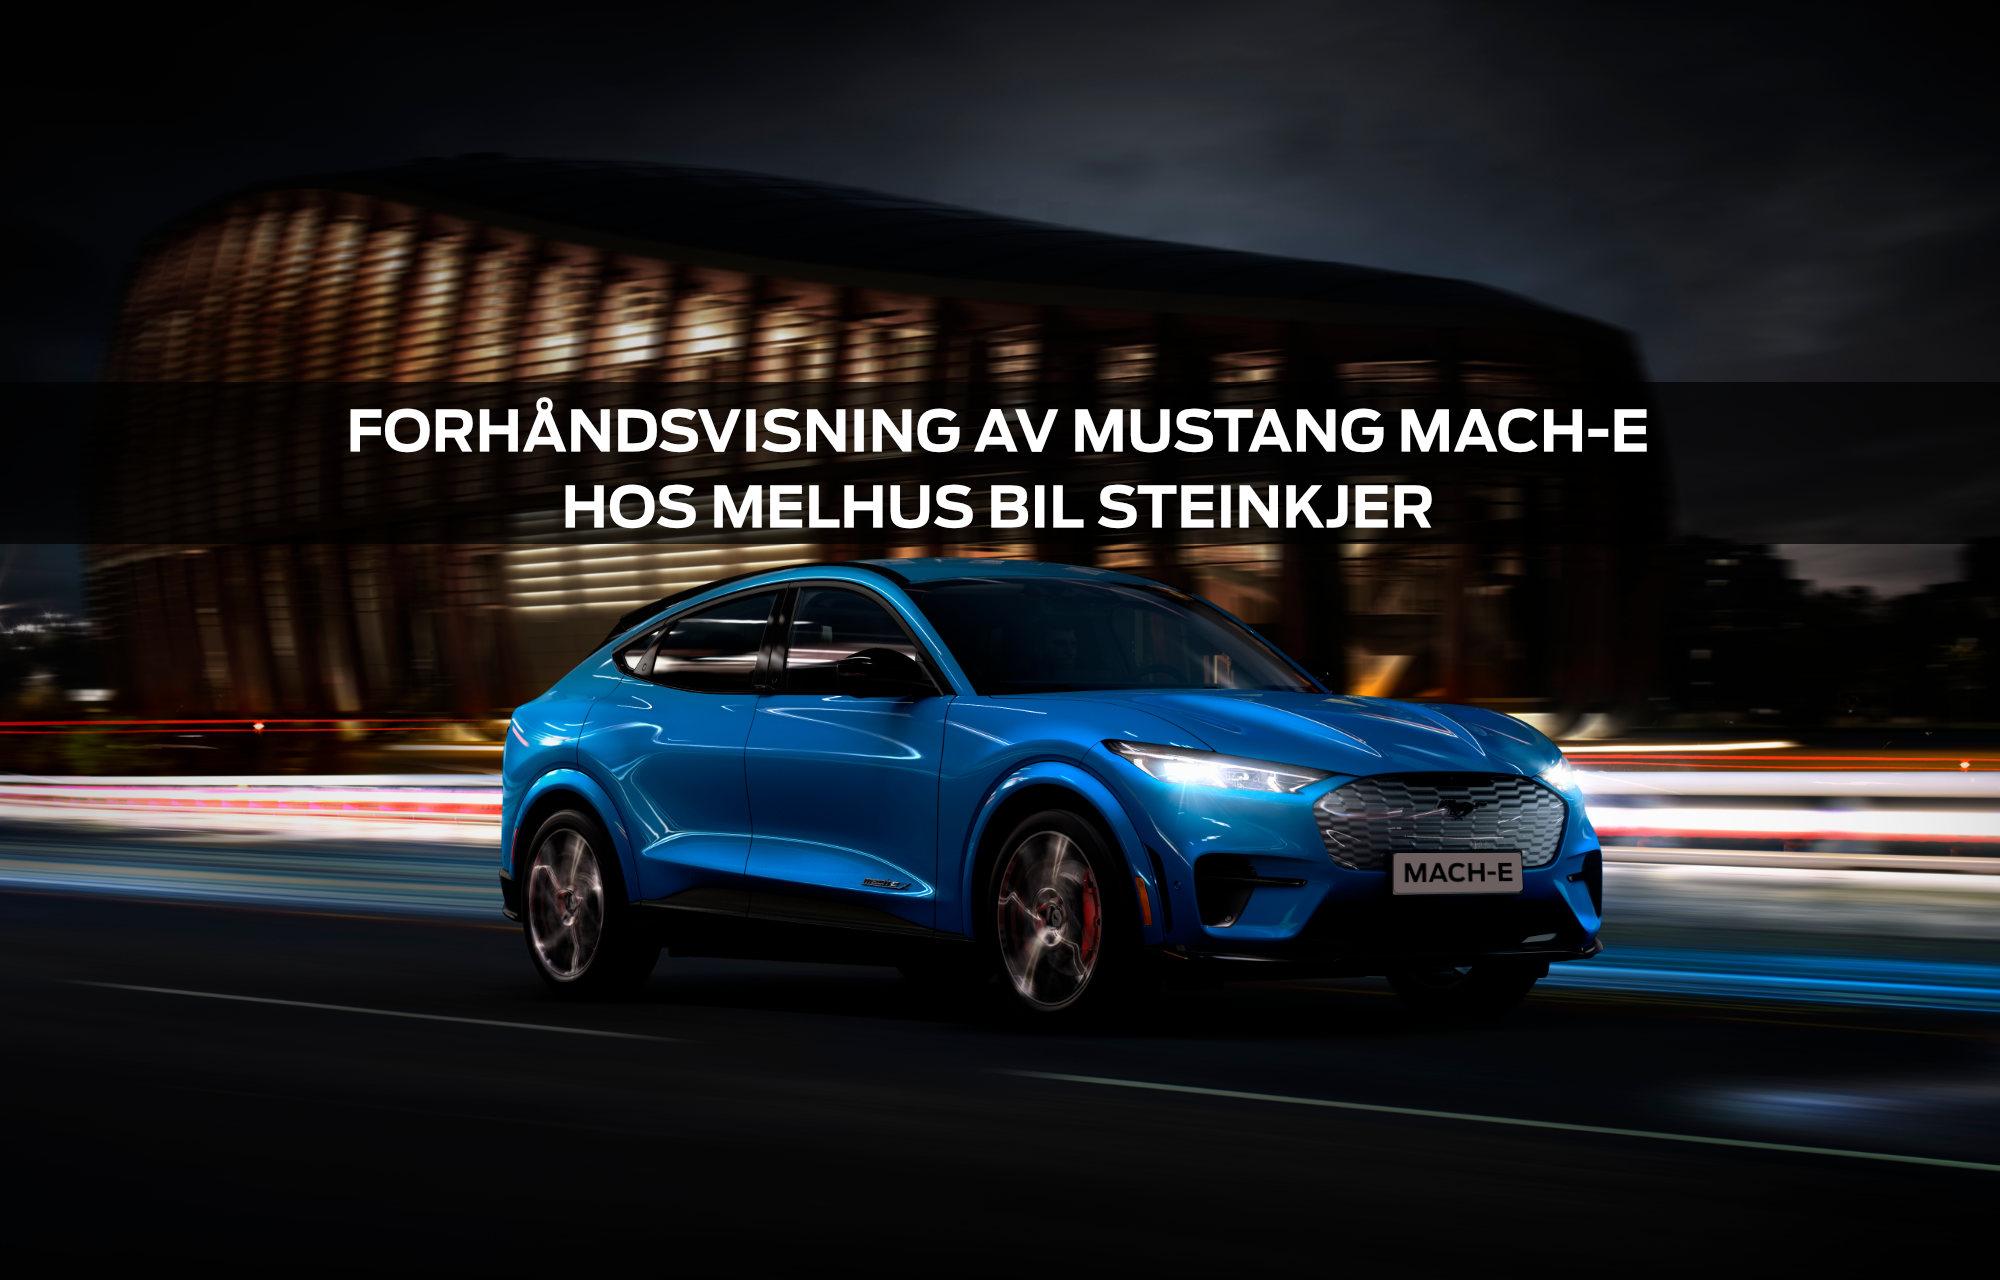 Mustang Mach-E til Steinkjer